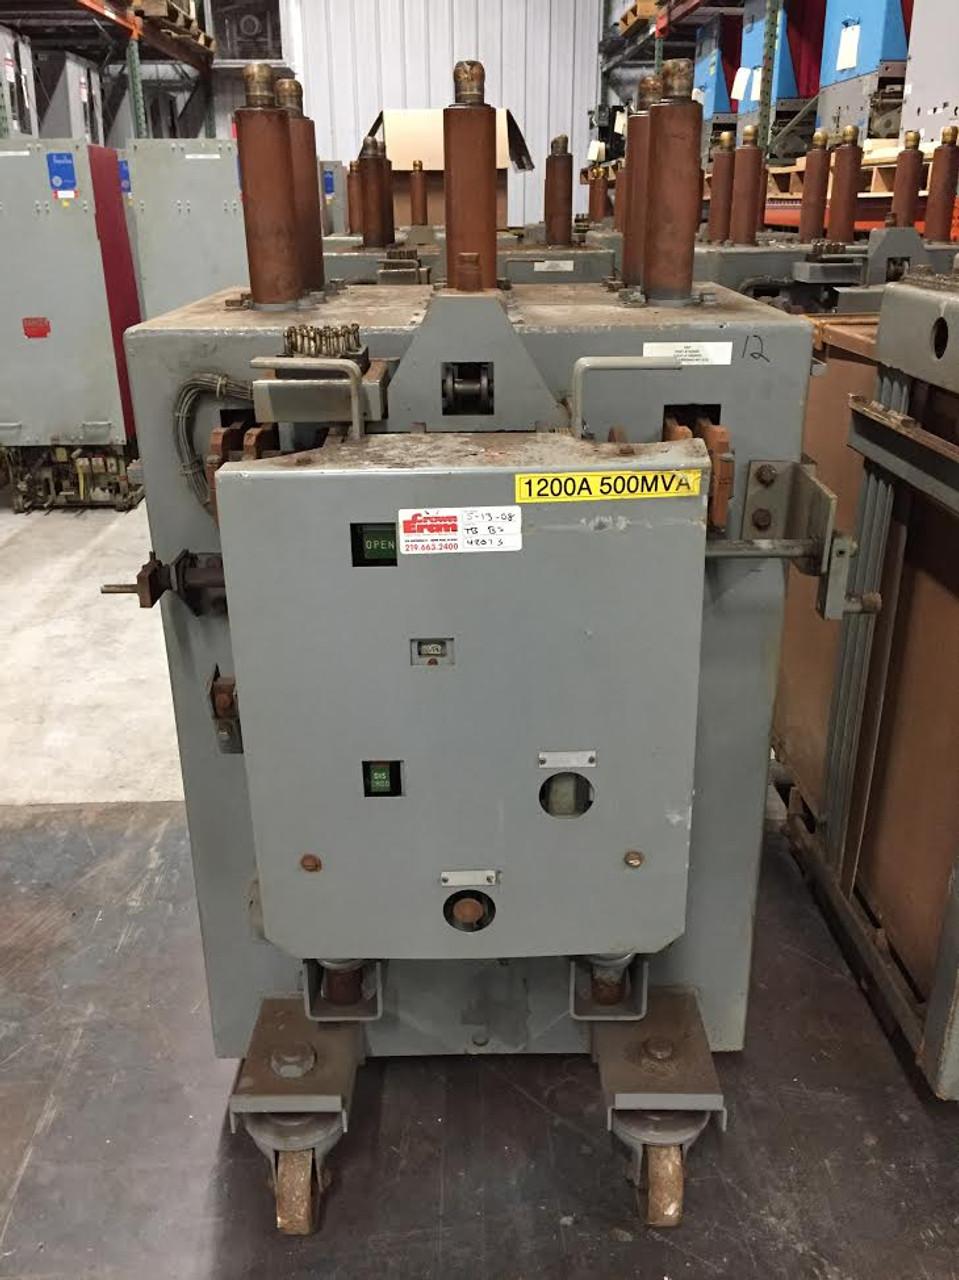 am 13 8 500 5h b ge magne blast 1200a 15kv air circuit breaker  am 13 8 500 5h b ge magne blast 1200a 15kv air circuit breaker bullock breakers